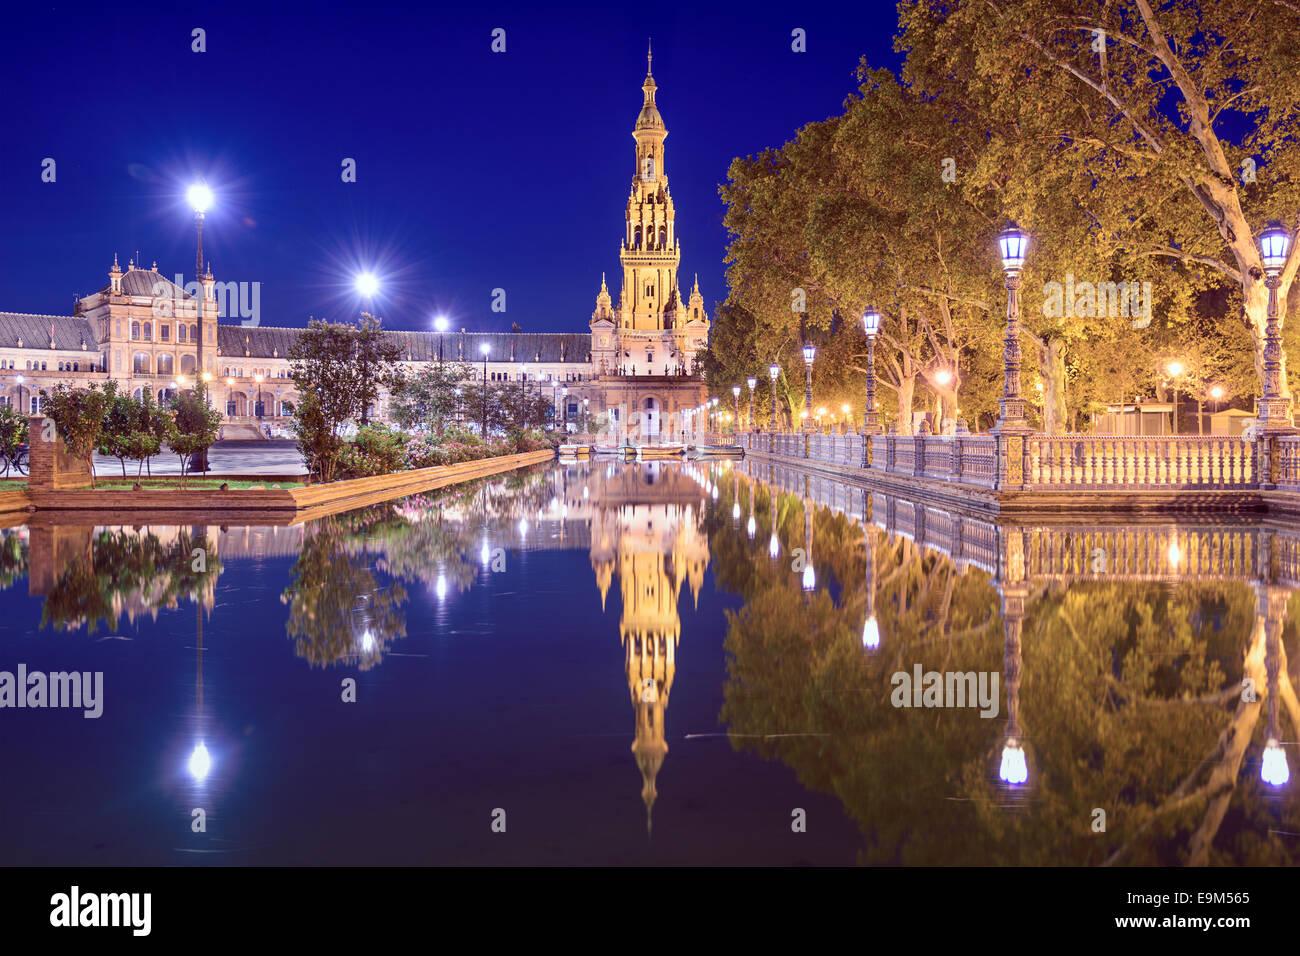 Siviglia, Spagna a piazza (Plaza de Espana). Immagini Stock